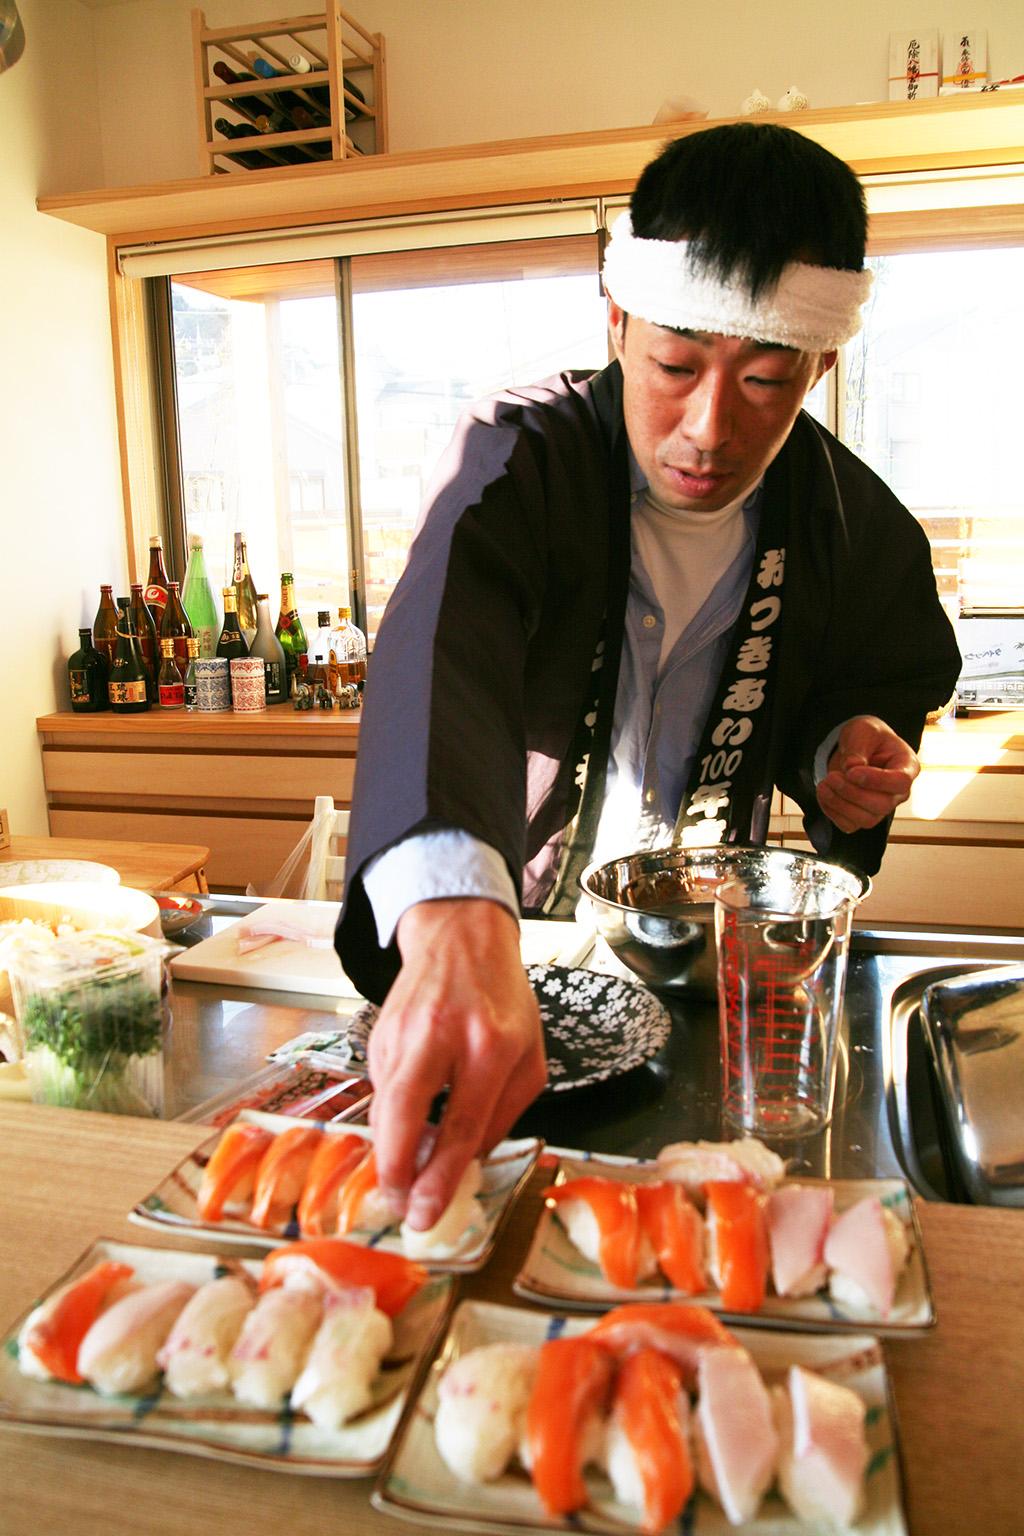 神戸市の木の家 居酒屋のようなカウンターで腕をふるうご主人